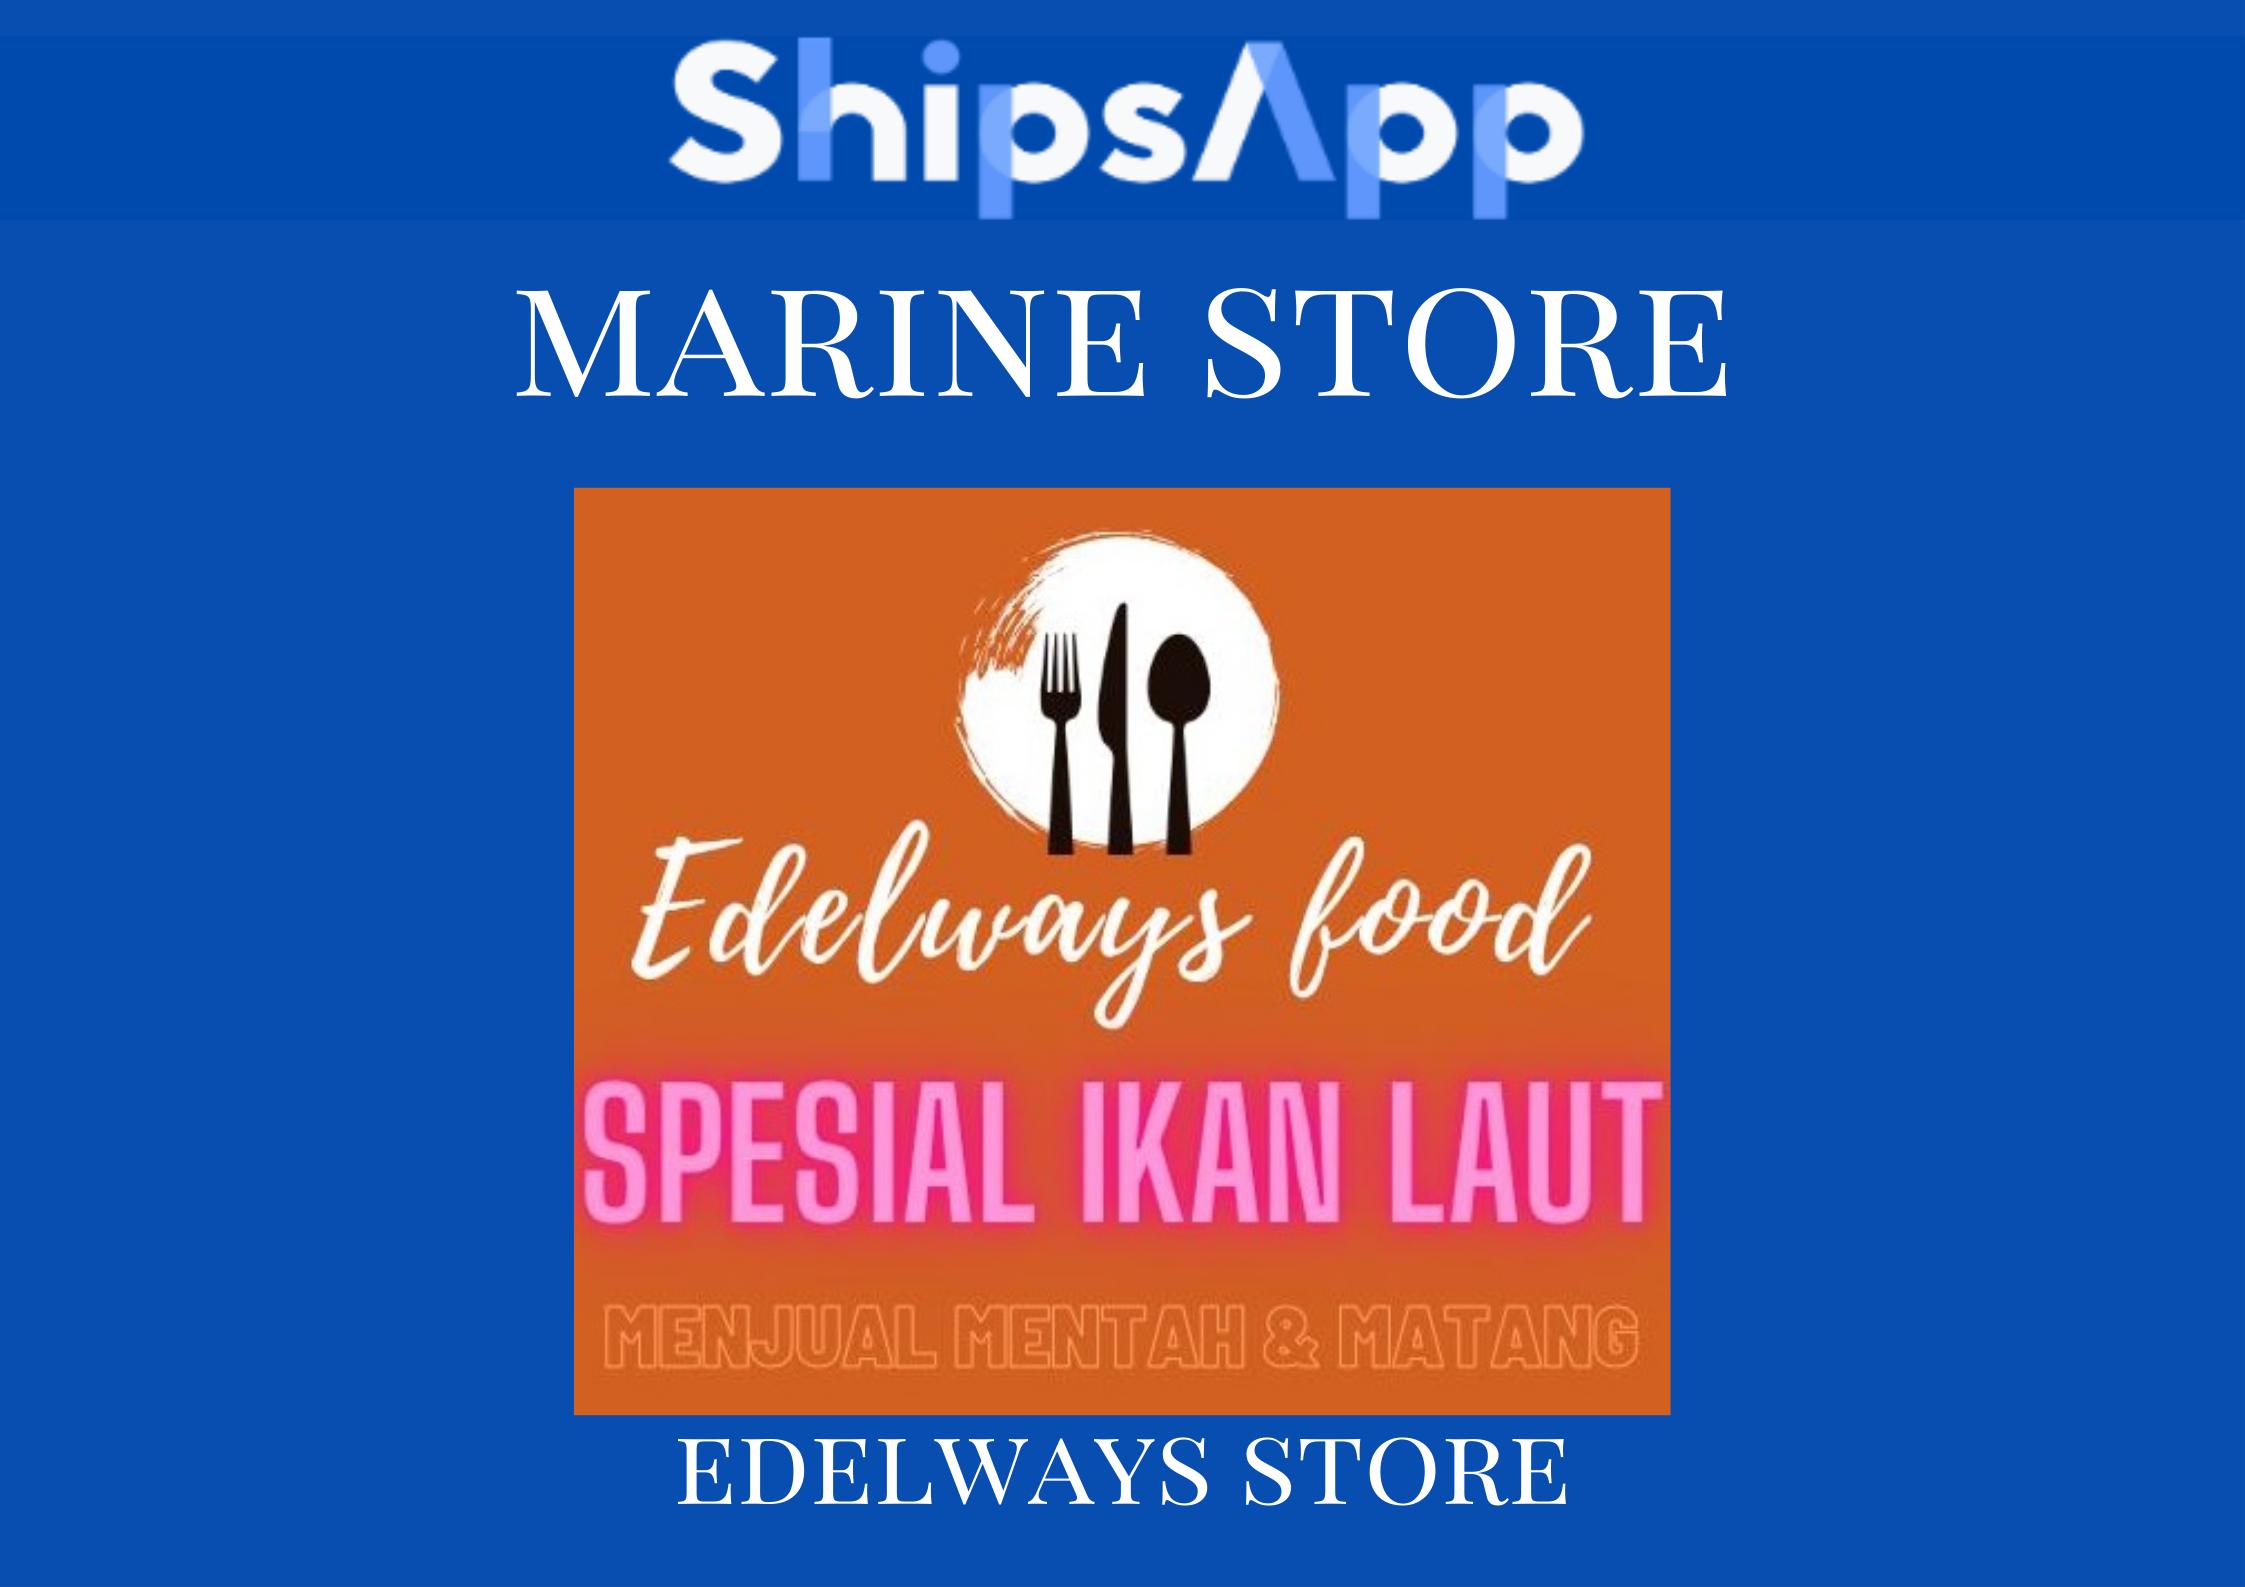 Marine Store Edelways